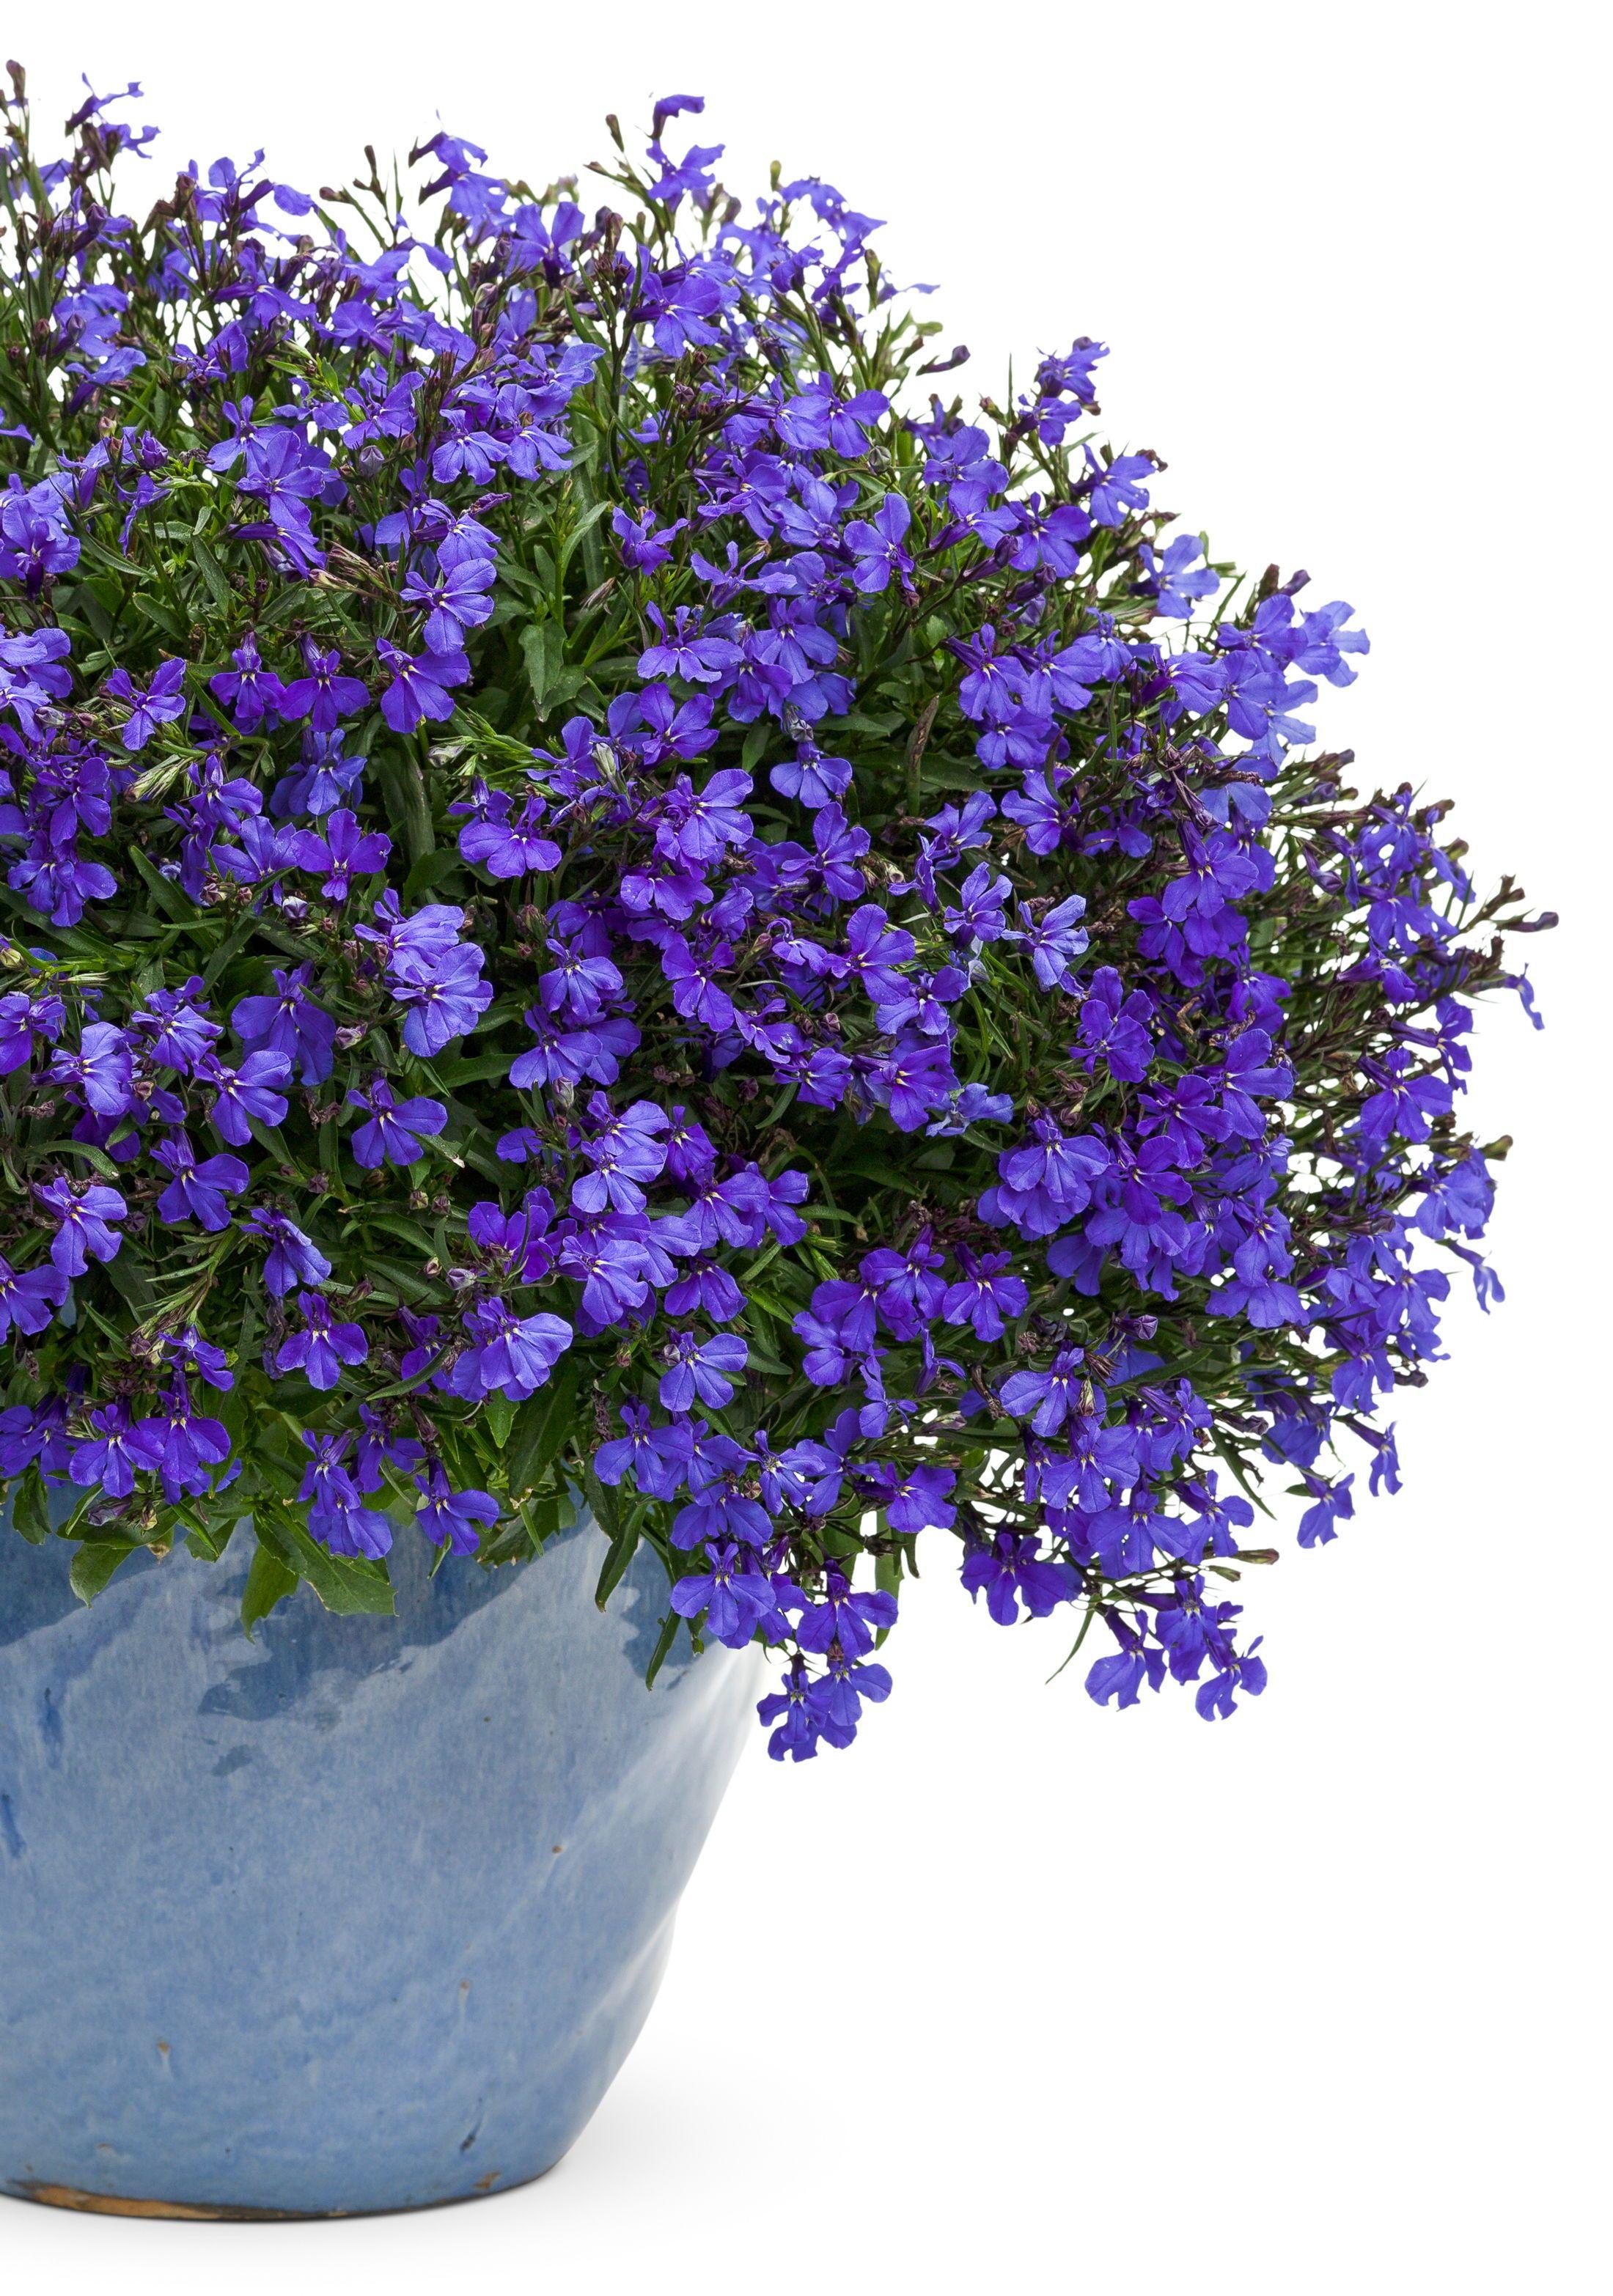 Bird Friendly Blue Flower Outside Plants Plants Blue Plants